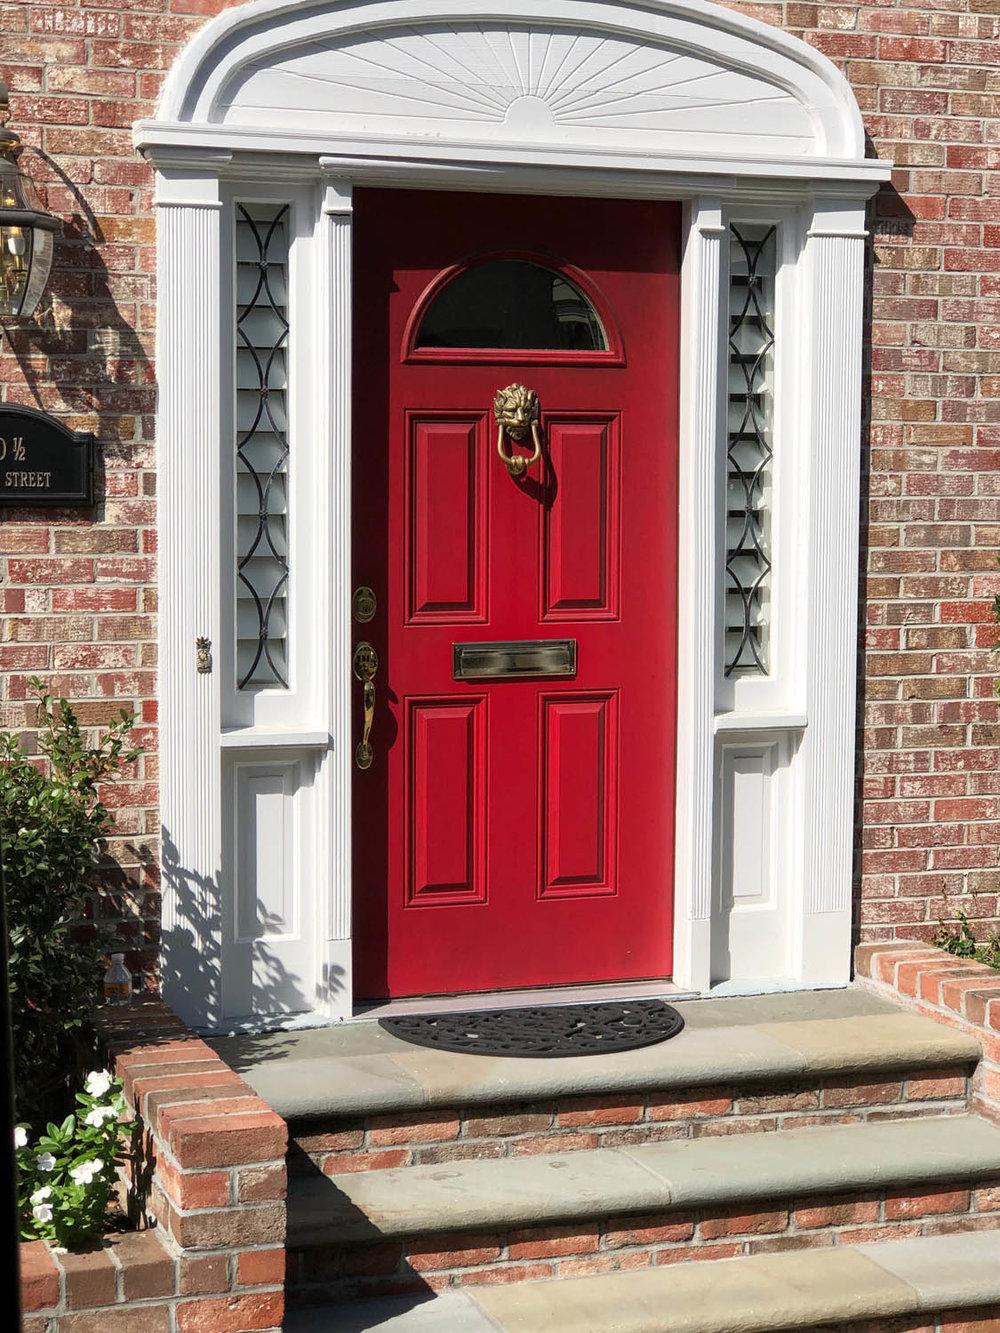 bright red door on brick home